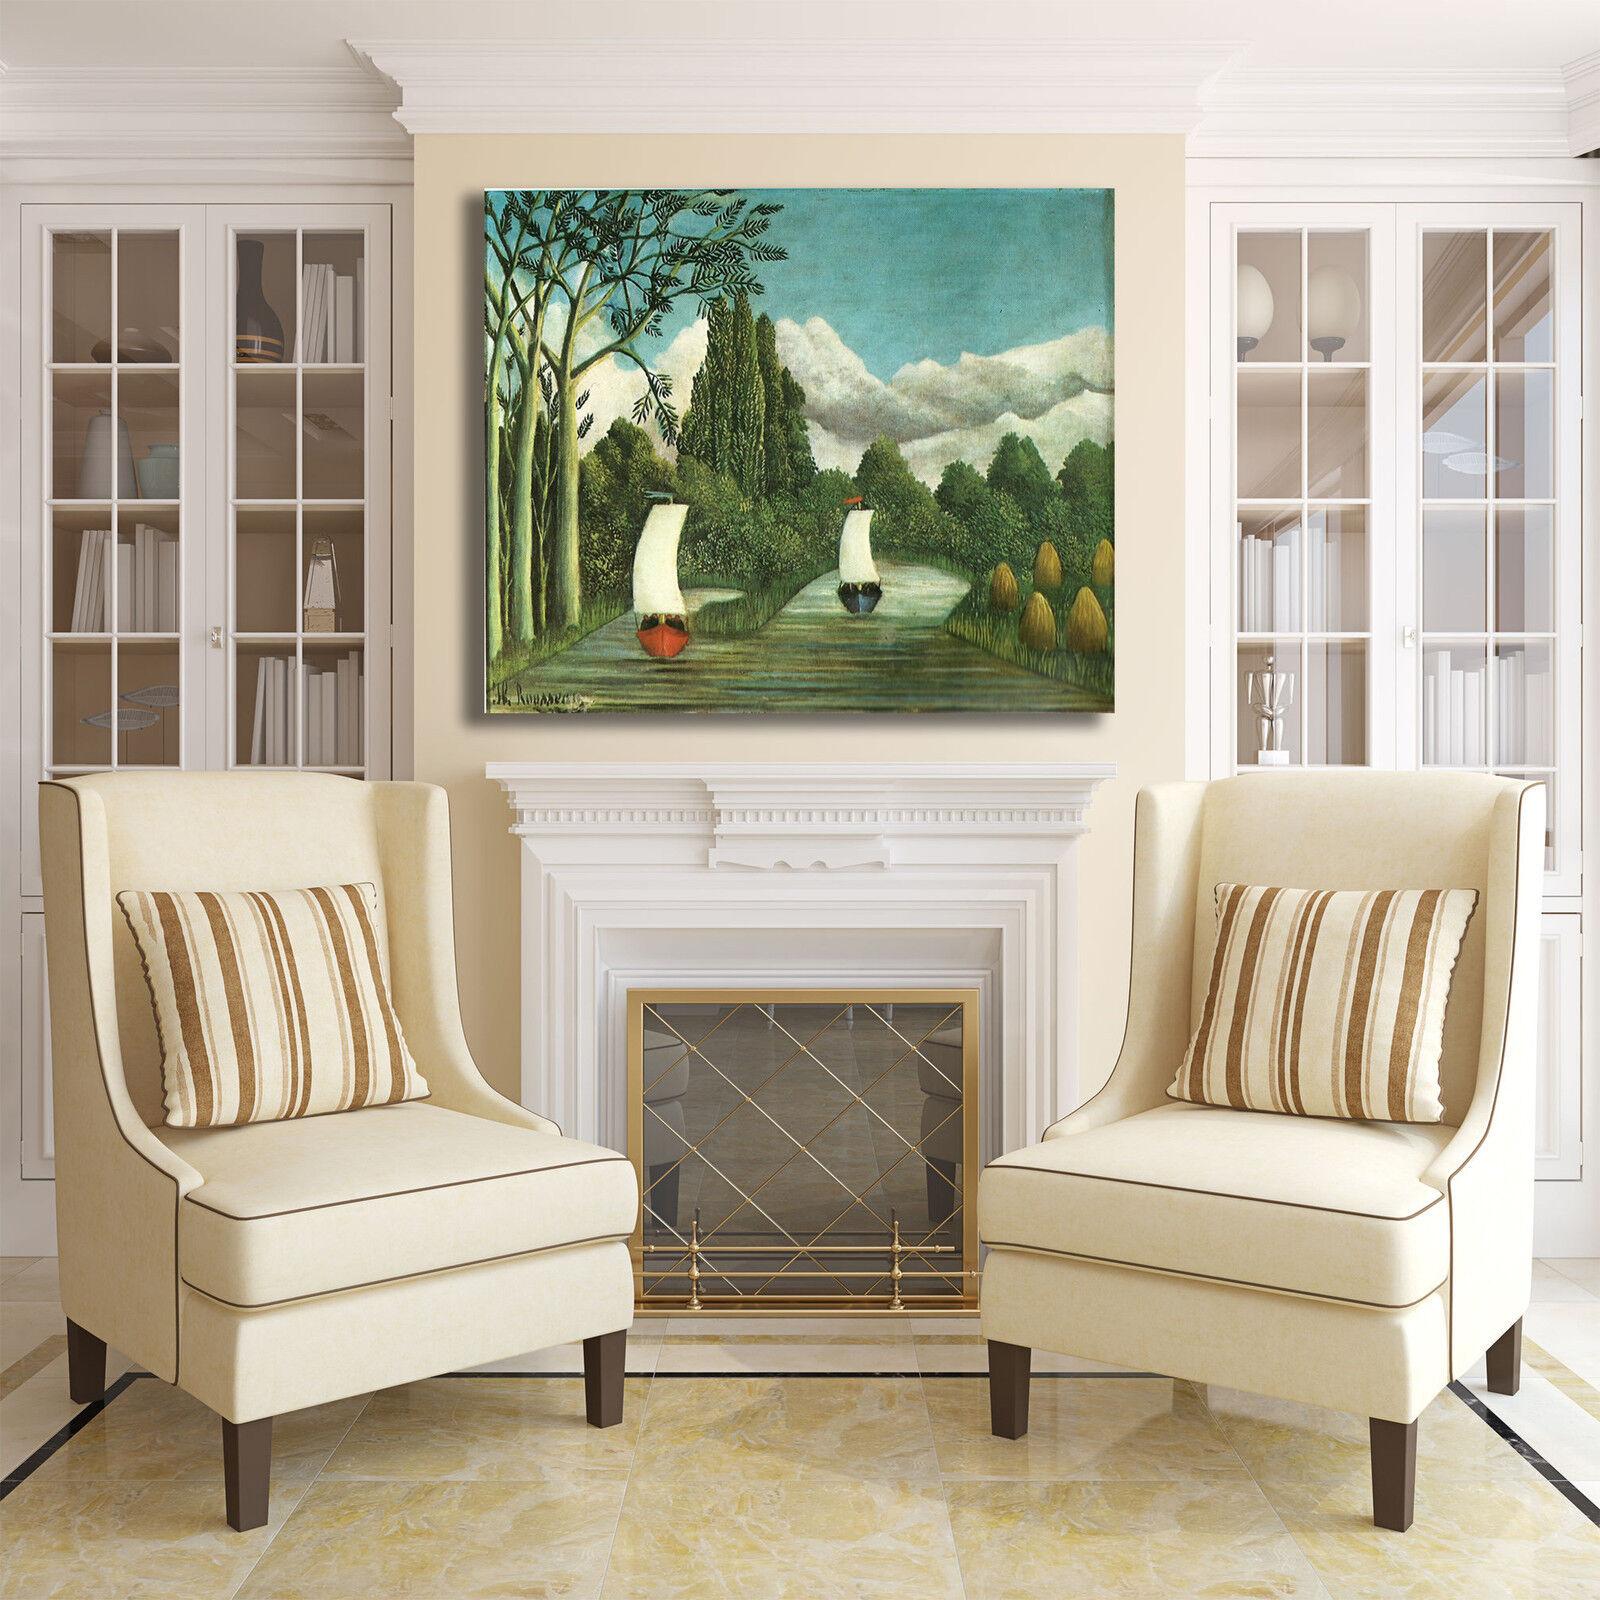 Rousseau a barche a Rousseau vela design quadro stampa tela dipinto telaio arRouge o casa 28d8c7